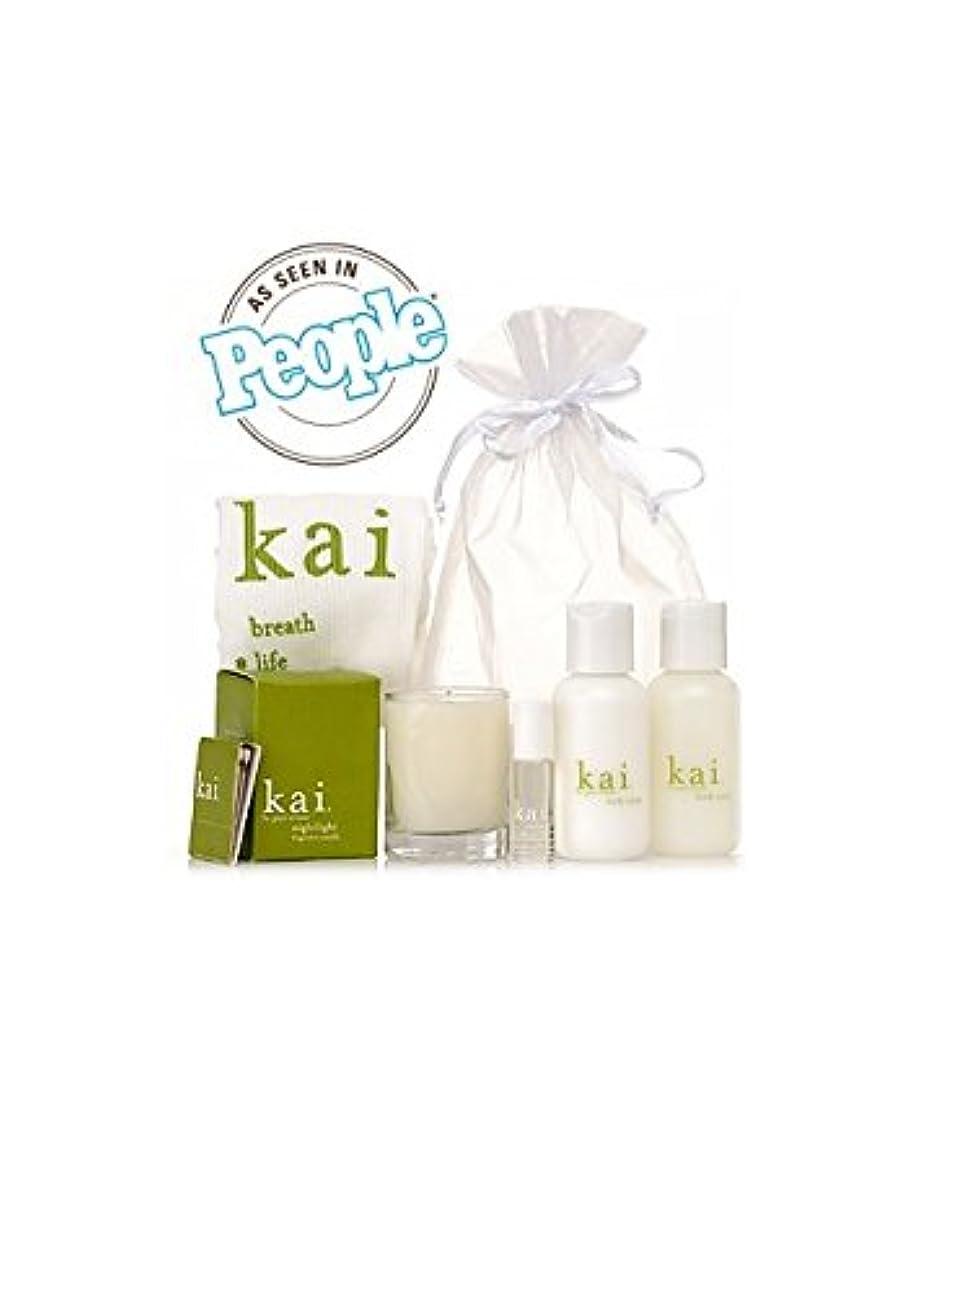 飢饉キネマティクス追放Kai gift bag (カイ ギフトバッグ) for Women